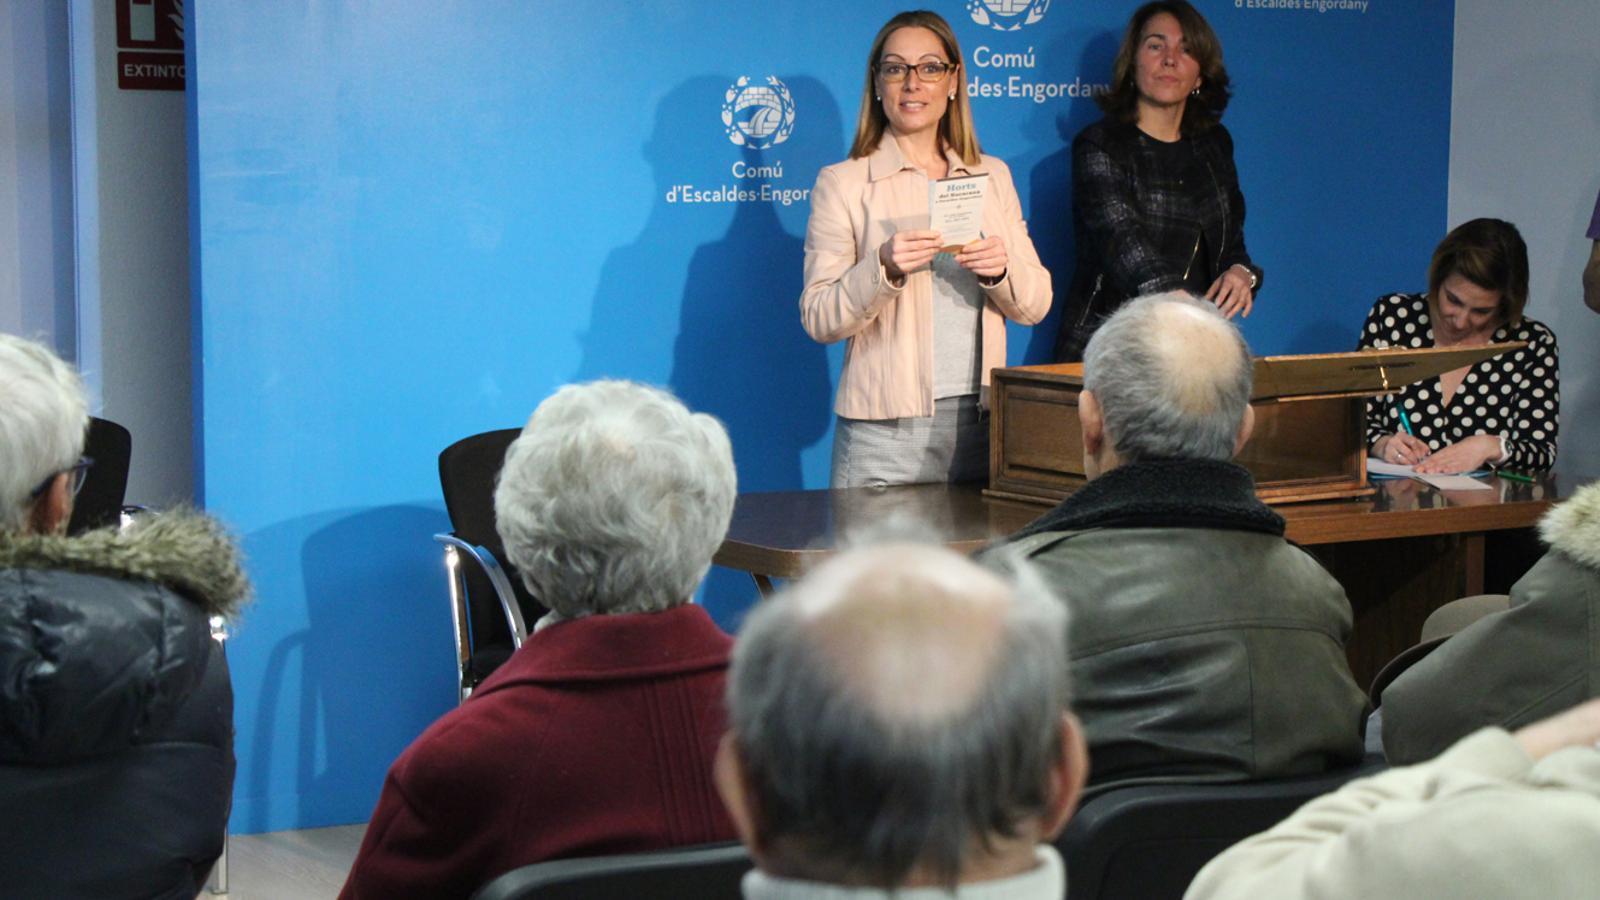 La consellera de Gent Gran del comú d'Escaldes-Engordany, Sandra Tomàs, dirigint-se als padrins i padrines que han assistit al sorteig, en el moment de llegir un dels noms afortunats. / L. M. (ANA)